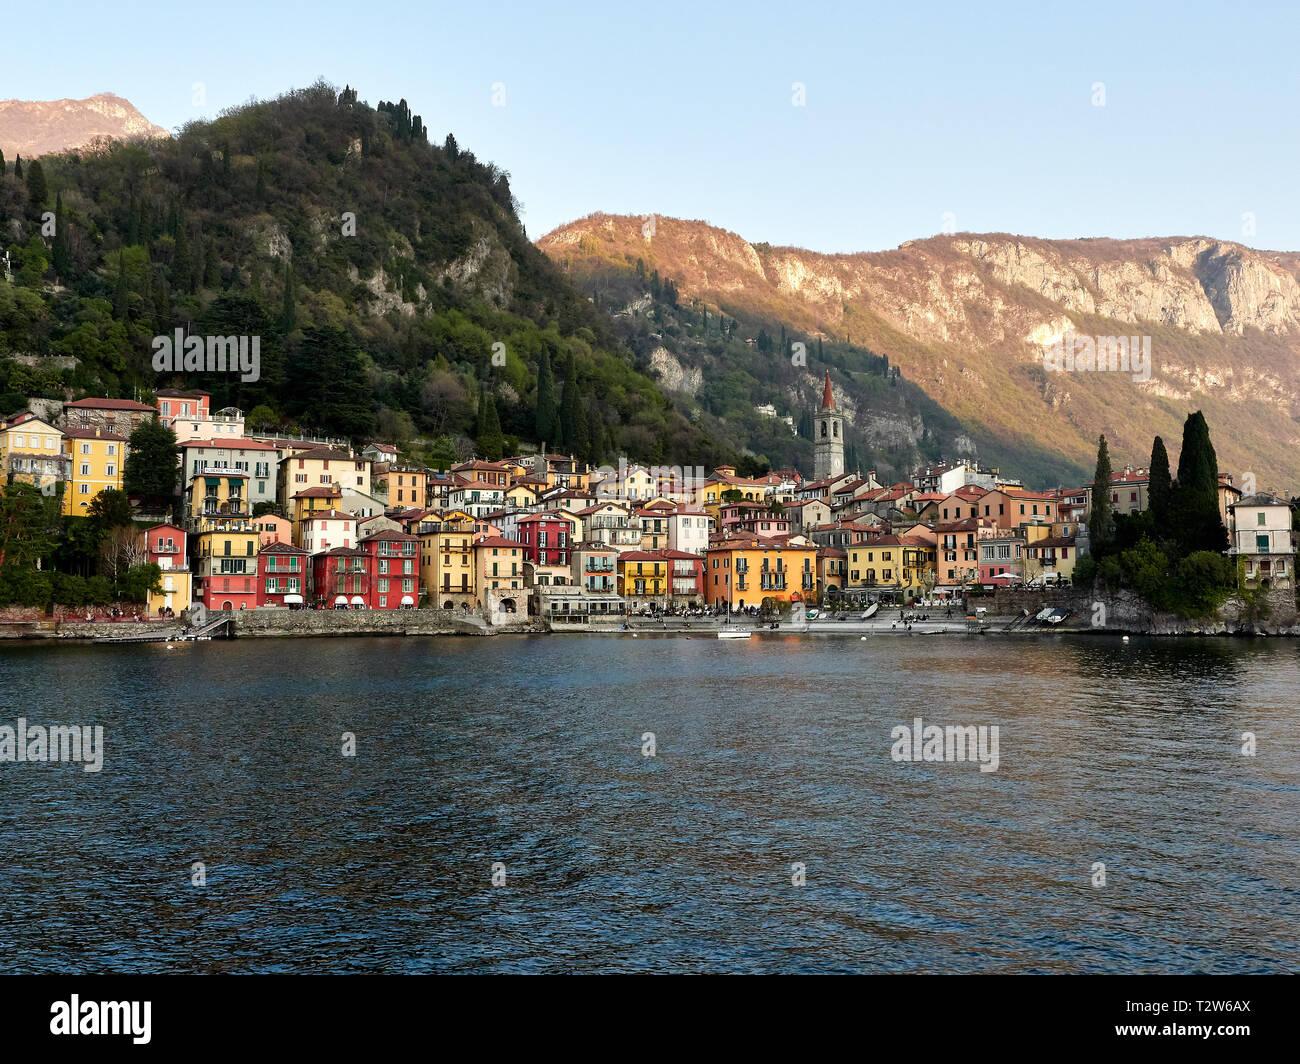 Ravello Italie Lac de Côme. Vue paysage de ville de Varenna Varenna Bellagio ferry bien sûr. Au Lac de Côme Varenna est une destination touristique populaire. Banque D'Images